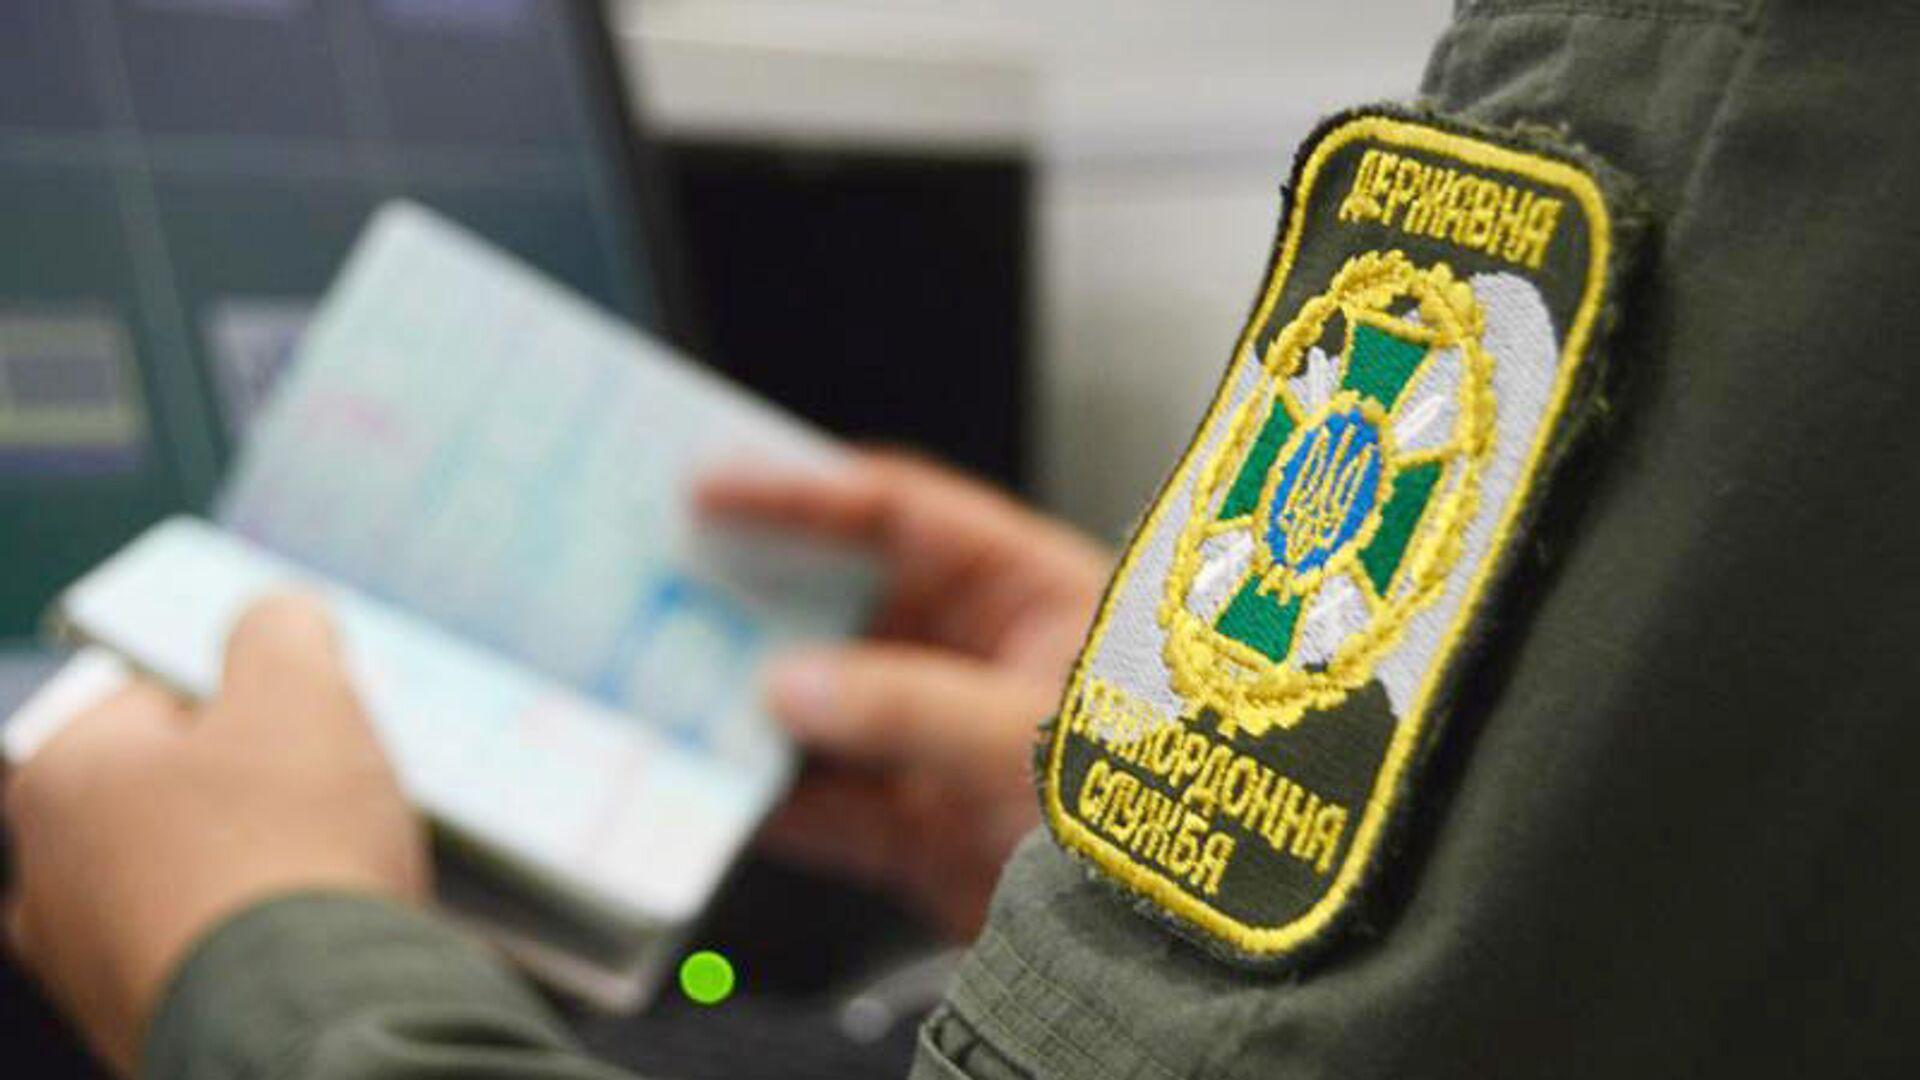 Паспортный контроль на Украине - РИА Новости, 1920, 16.07.2021